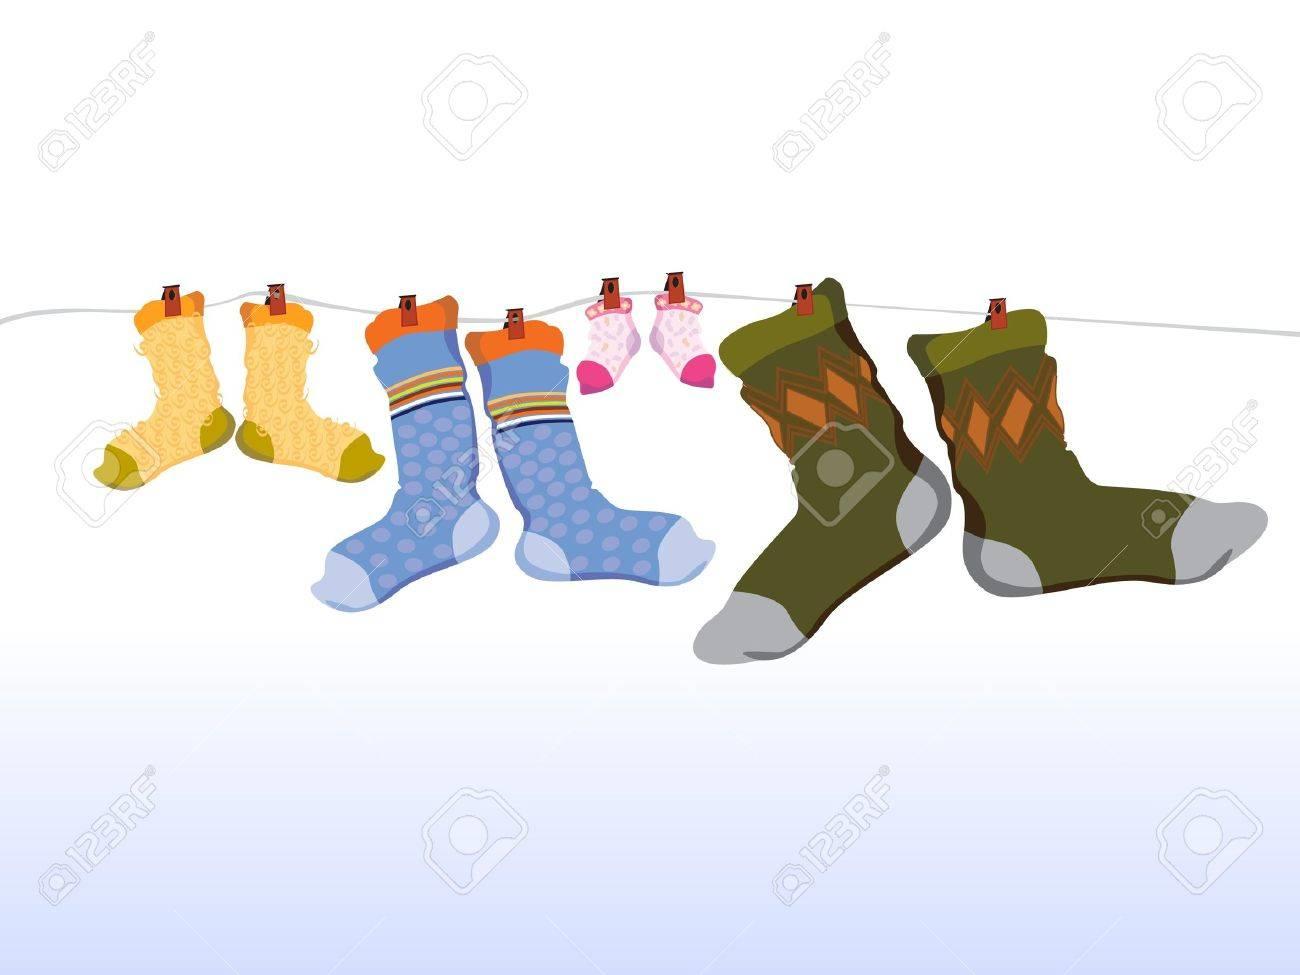 Family socks - 14209435